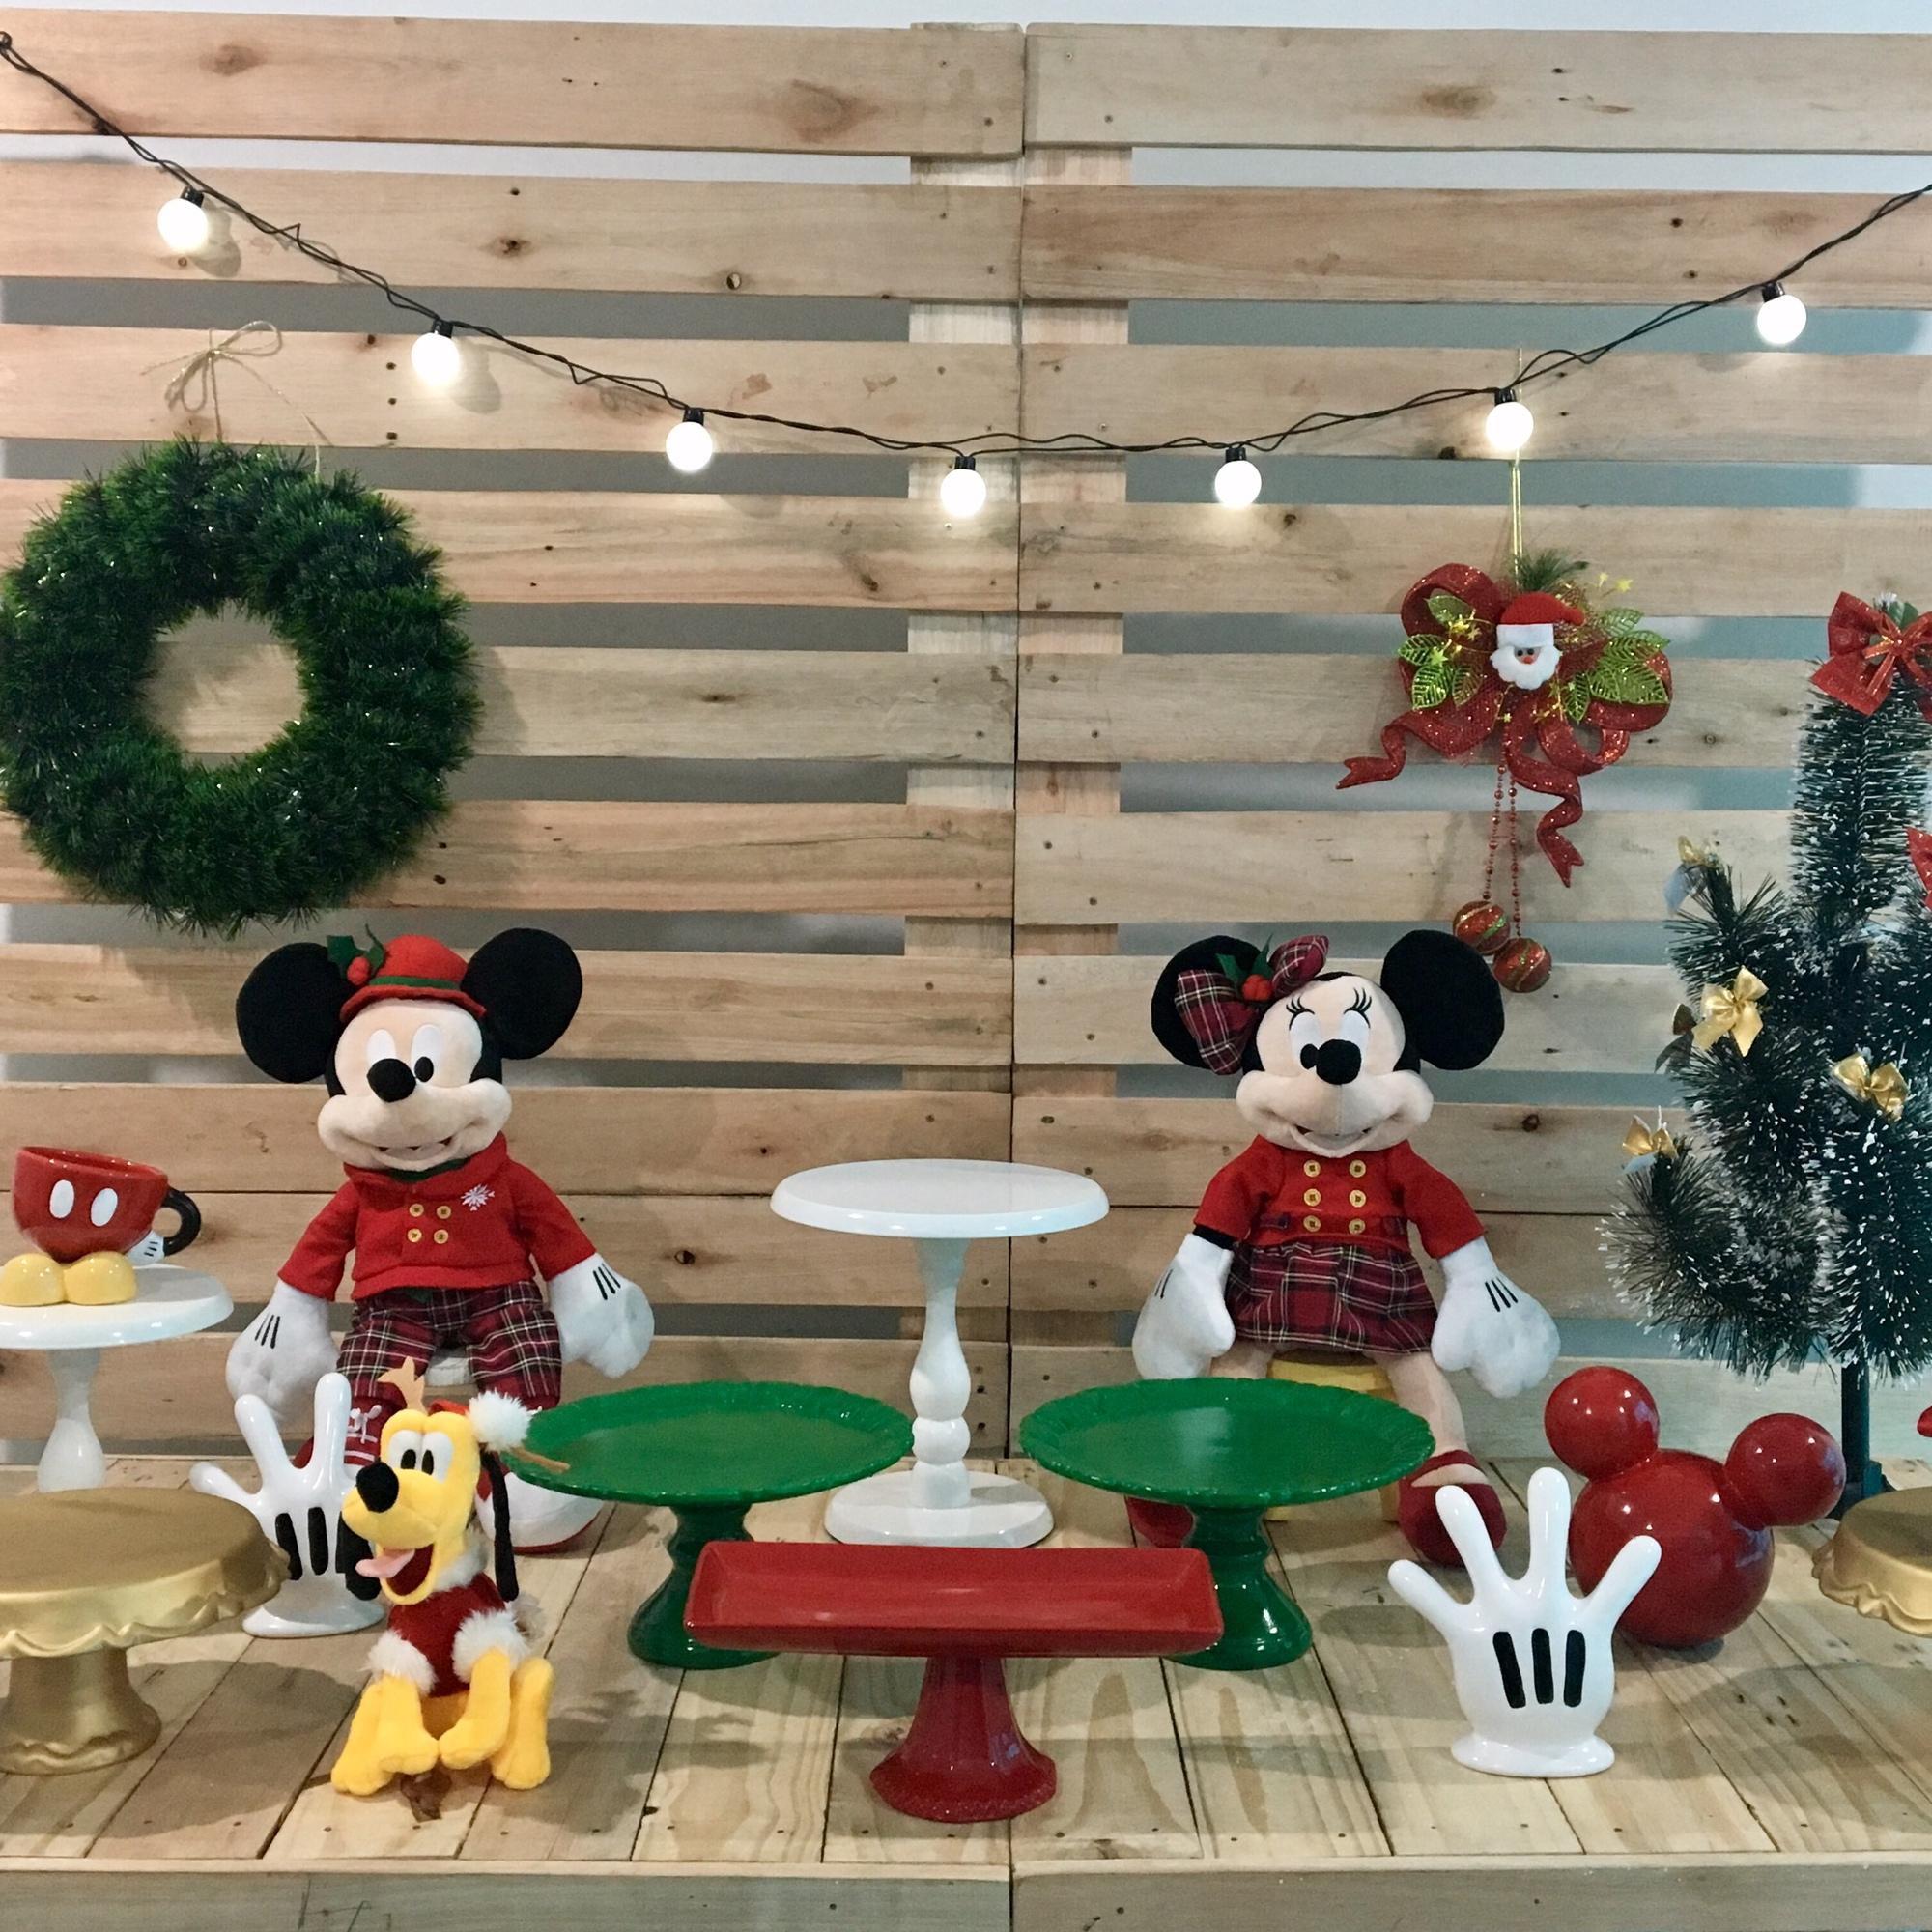 bfa769c1da Decoração Natal Minnie | Elo7